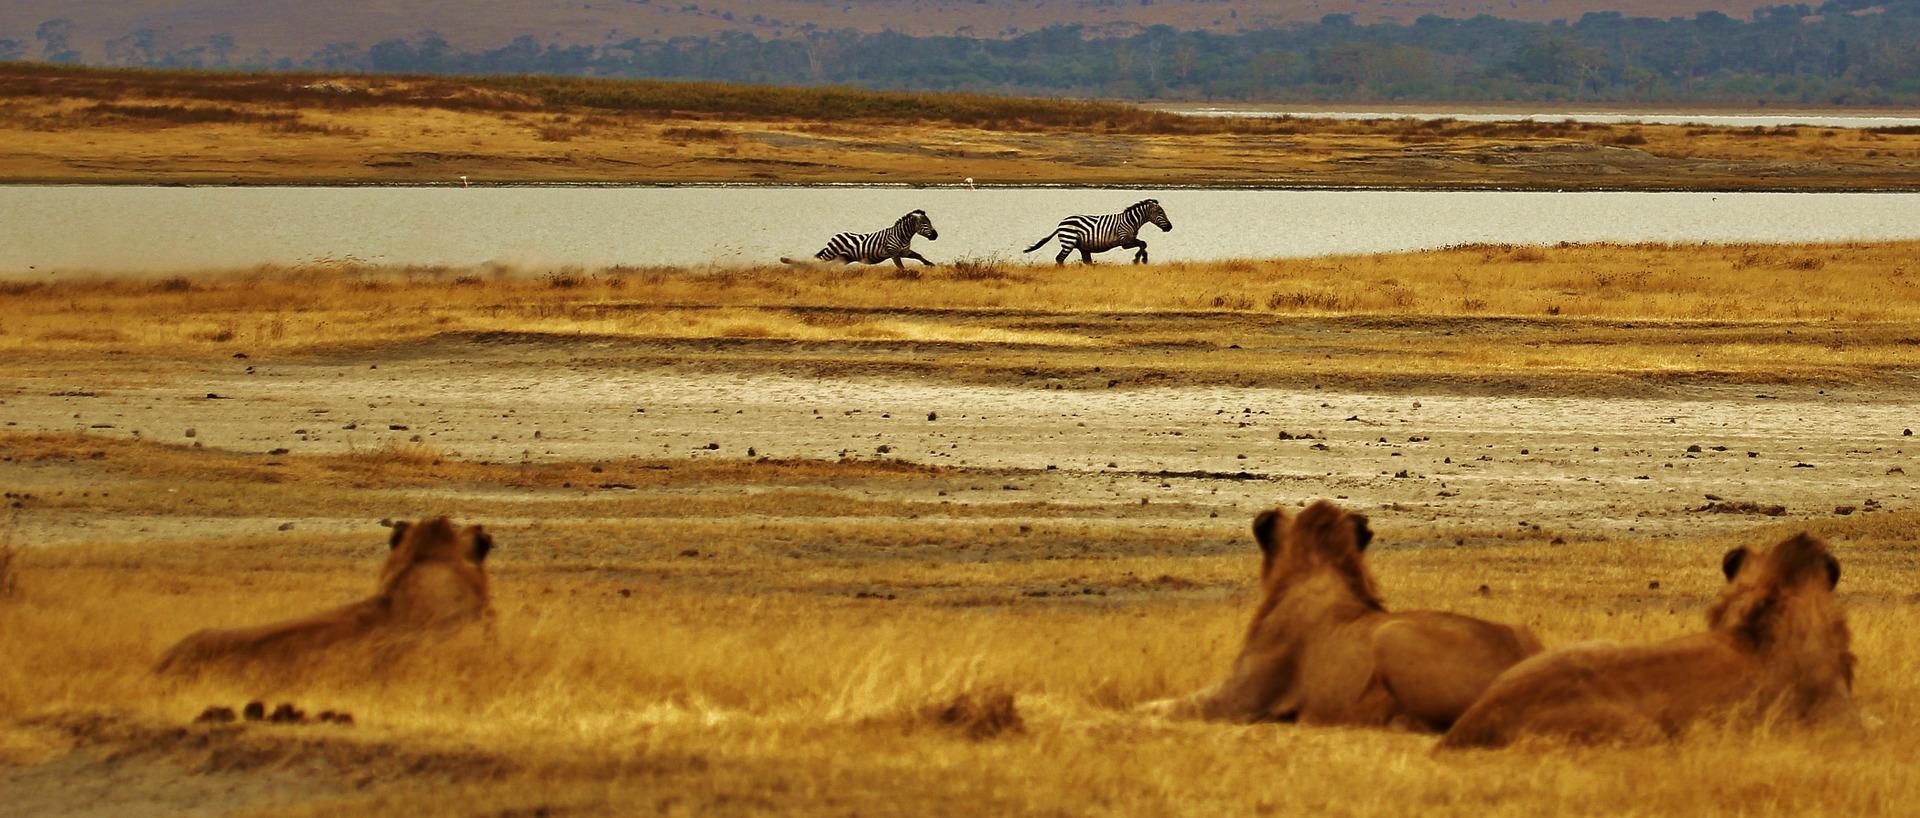 Animales salvajes en Tanzania